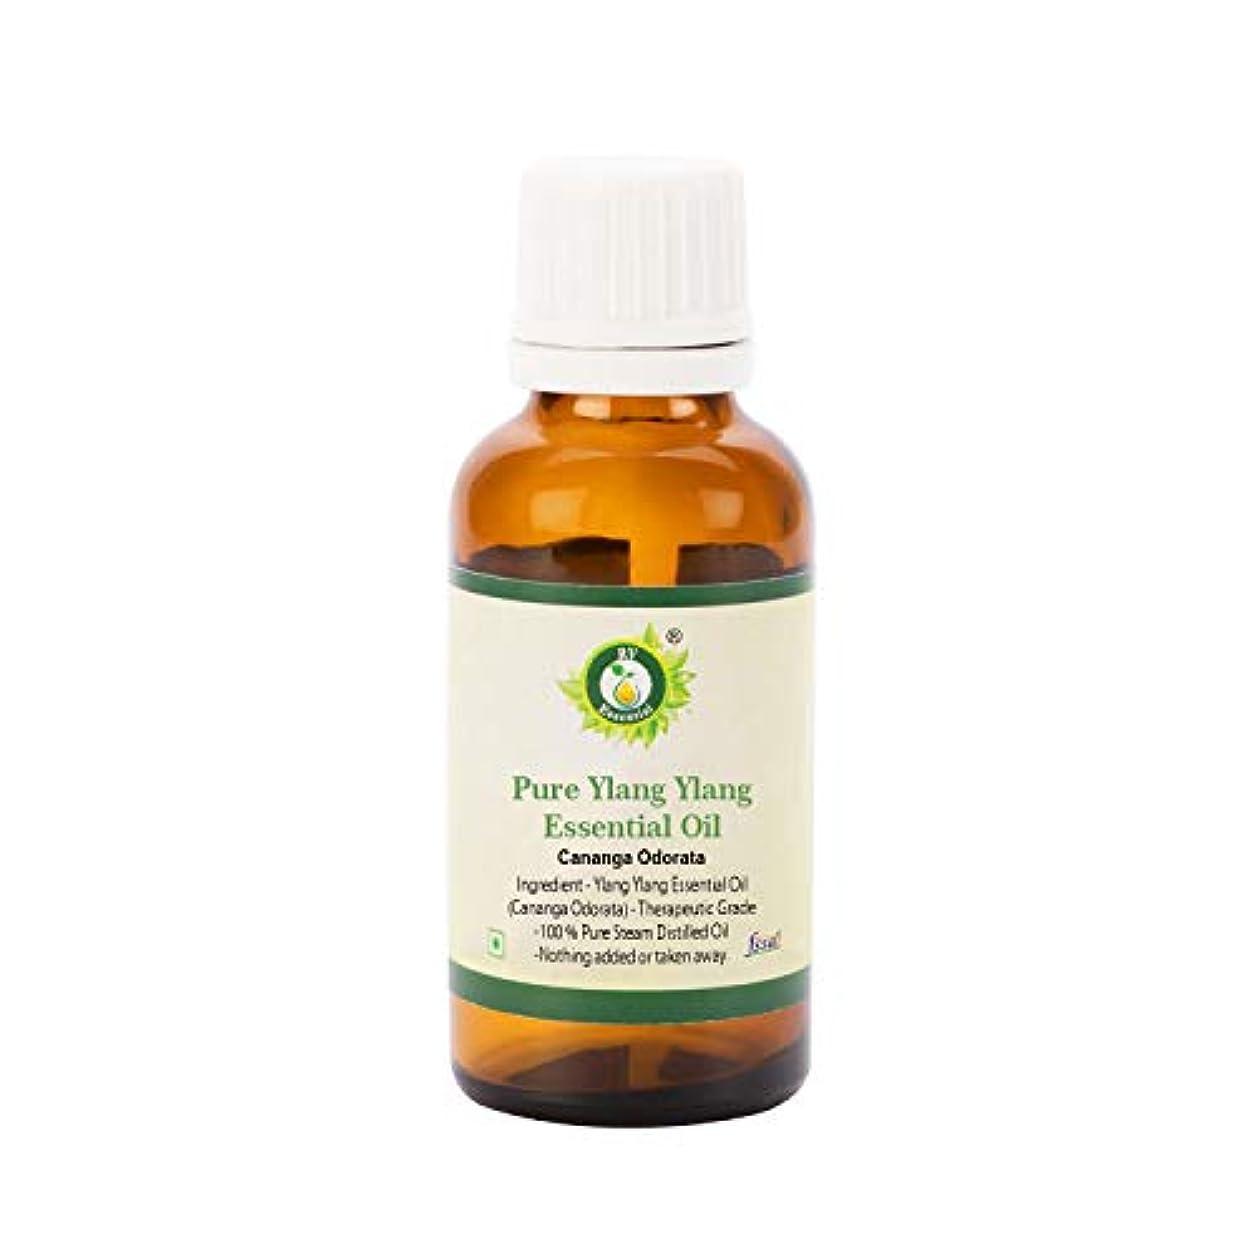 差別的キッチン冷ややかなR V Essential ピュアイランイランエッセンシャルオイル10ml (0.338oz)- Cananga Odorata (100%純粋&天然スチームDistilled) Pure Ylang Ylang Essential...